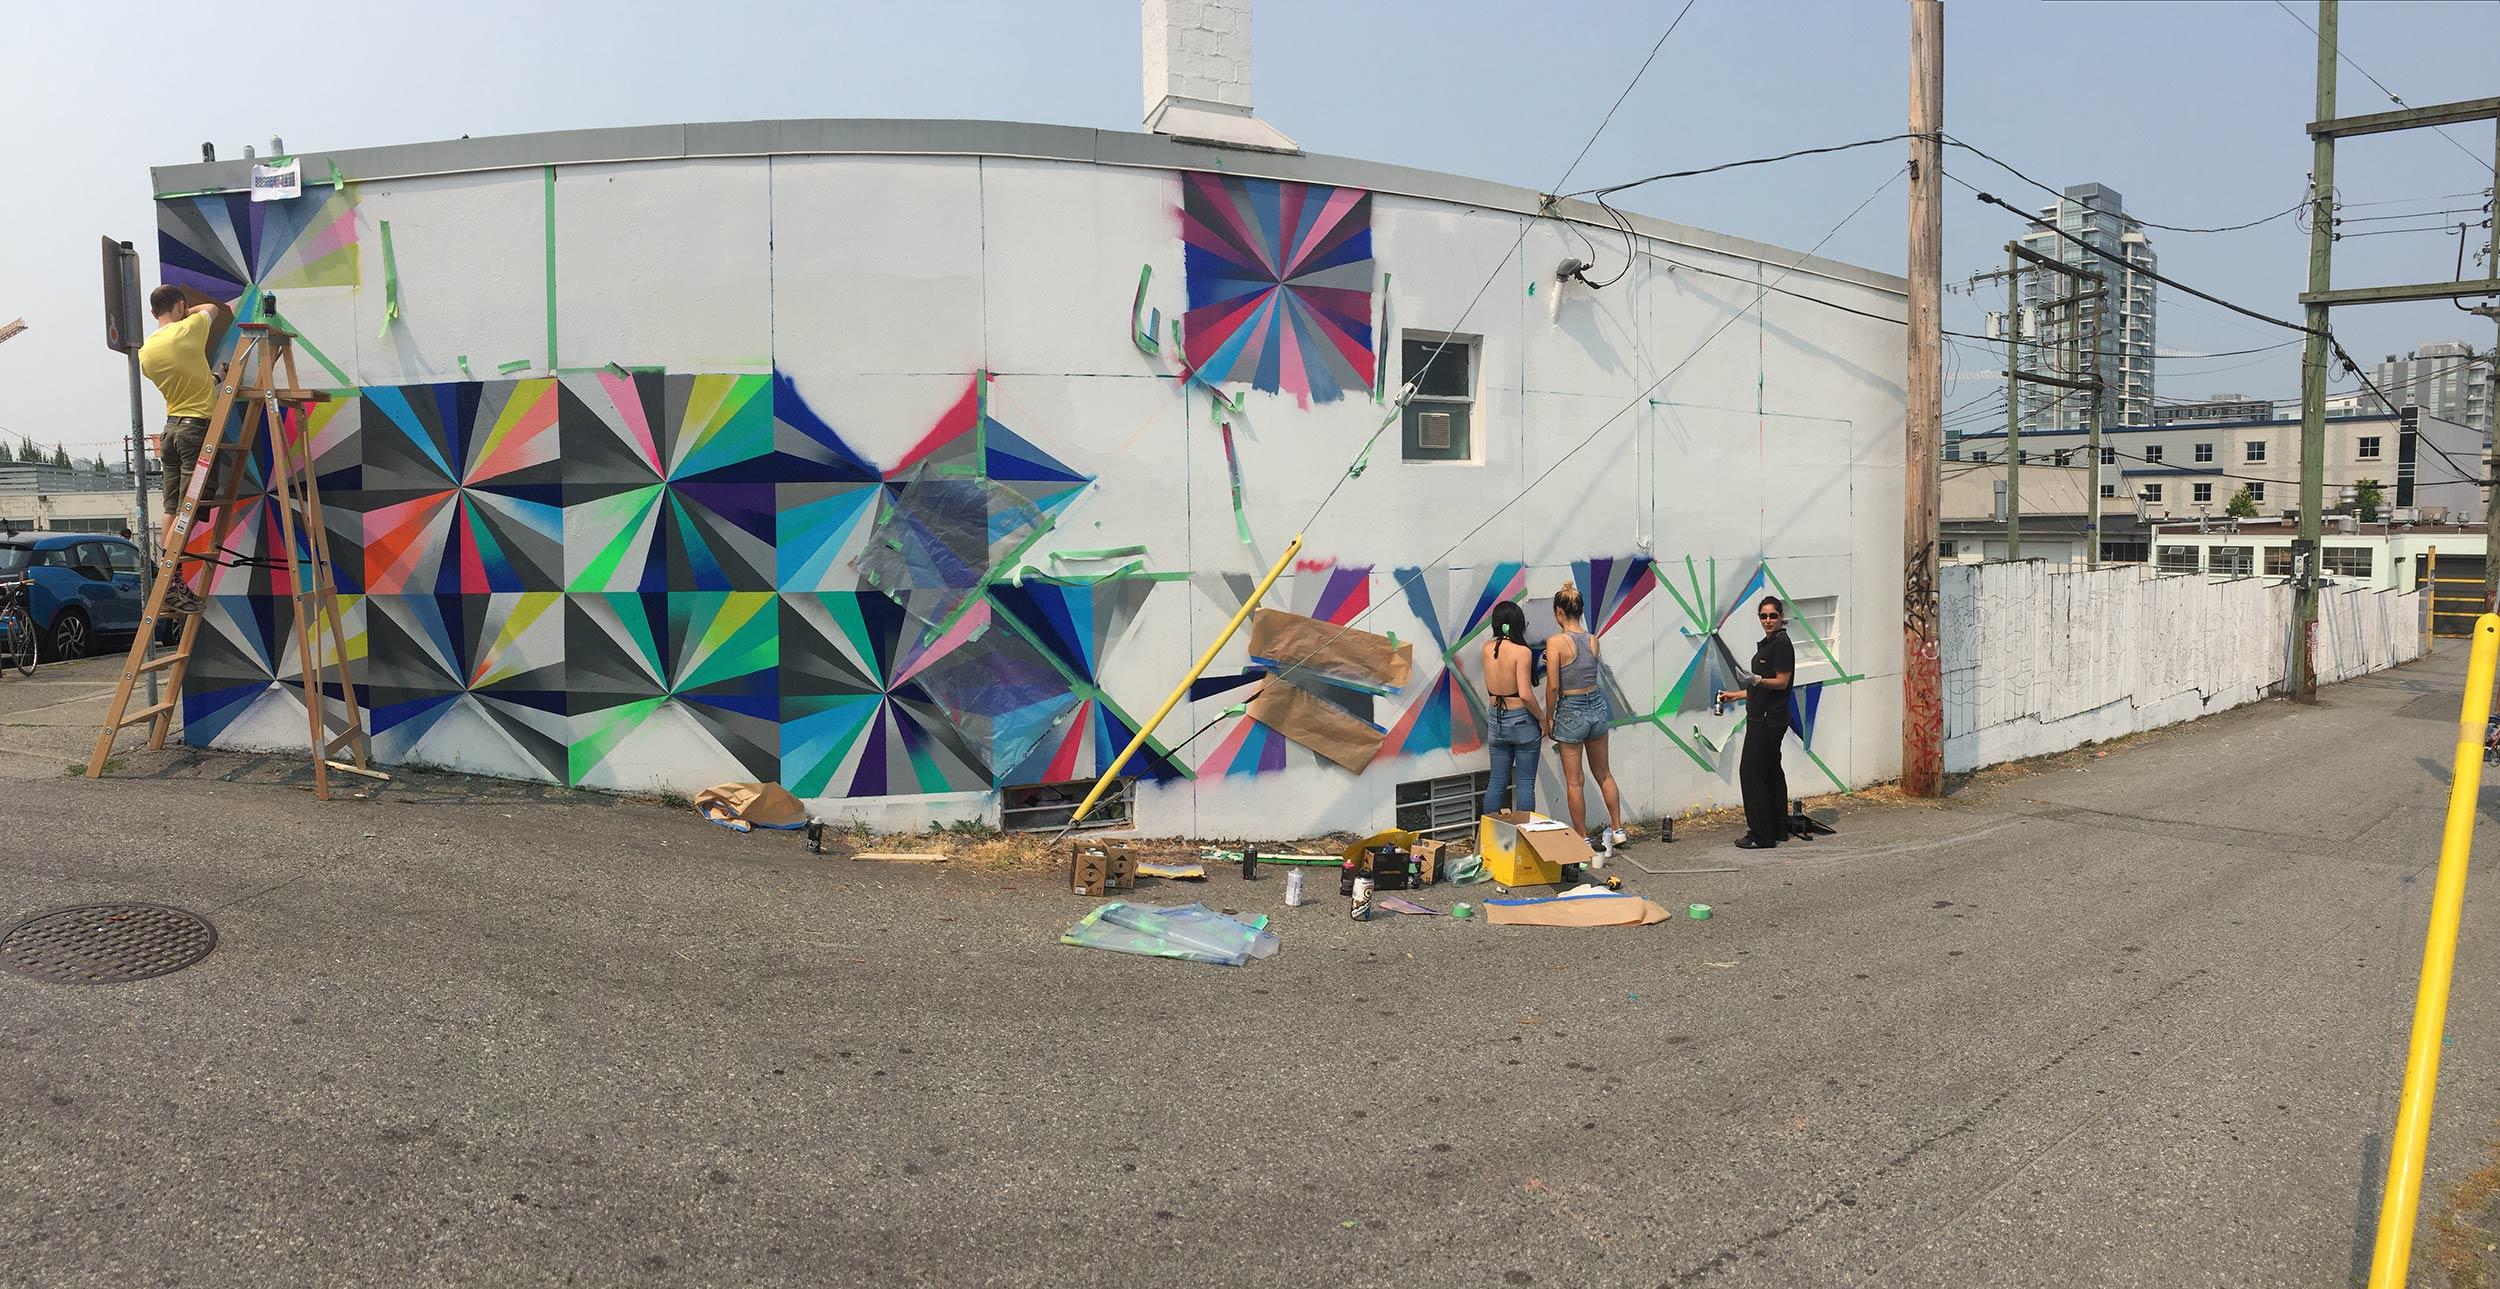 vancouver_mural_fest_1.jpg